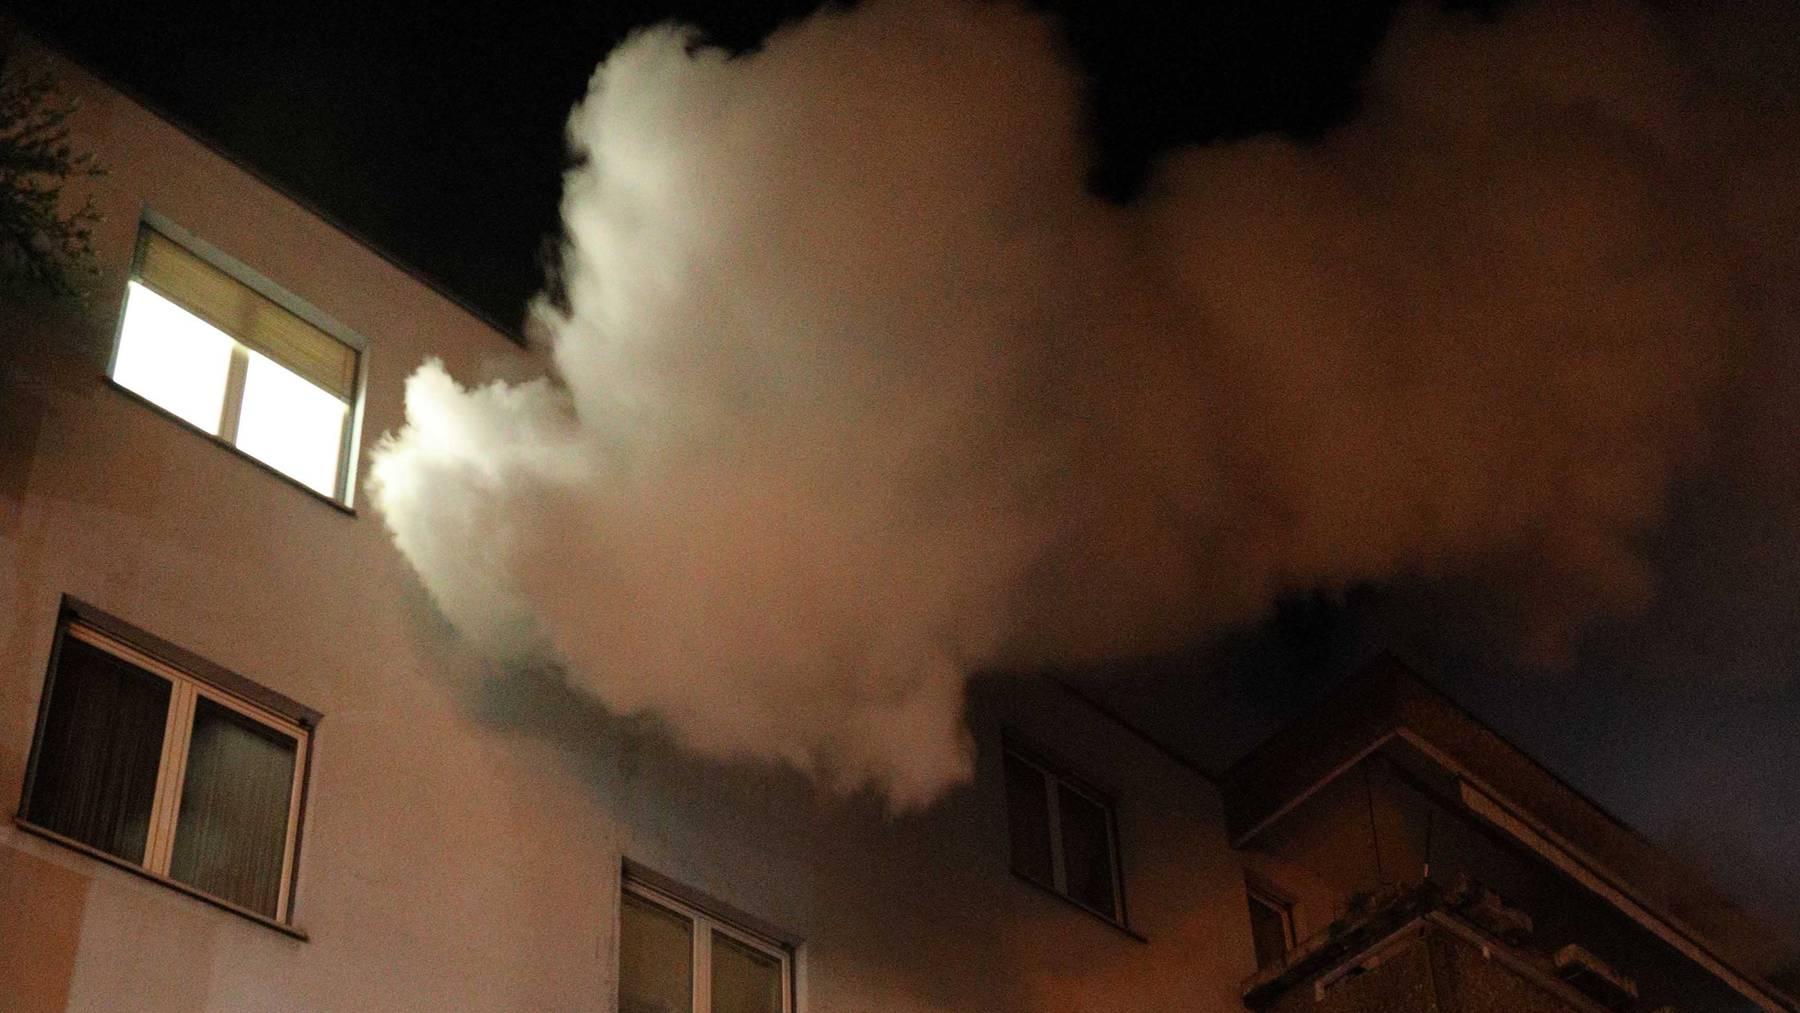 MM035_Mann stirbt bei Wohnungsbrand_Bild 2